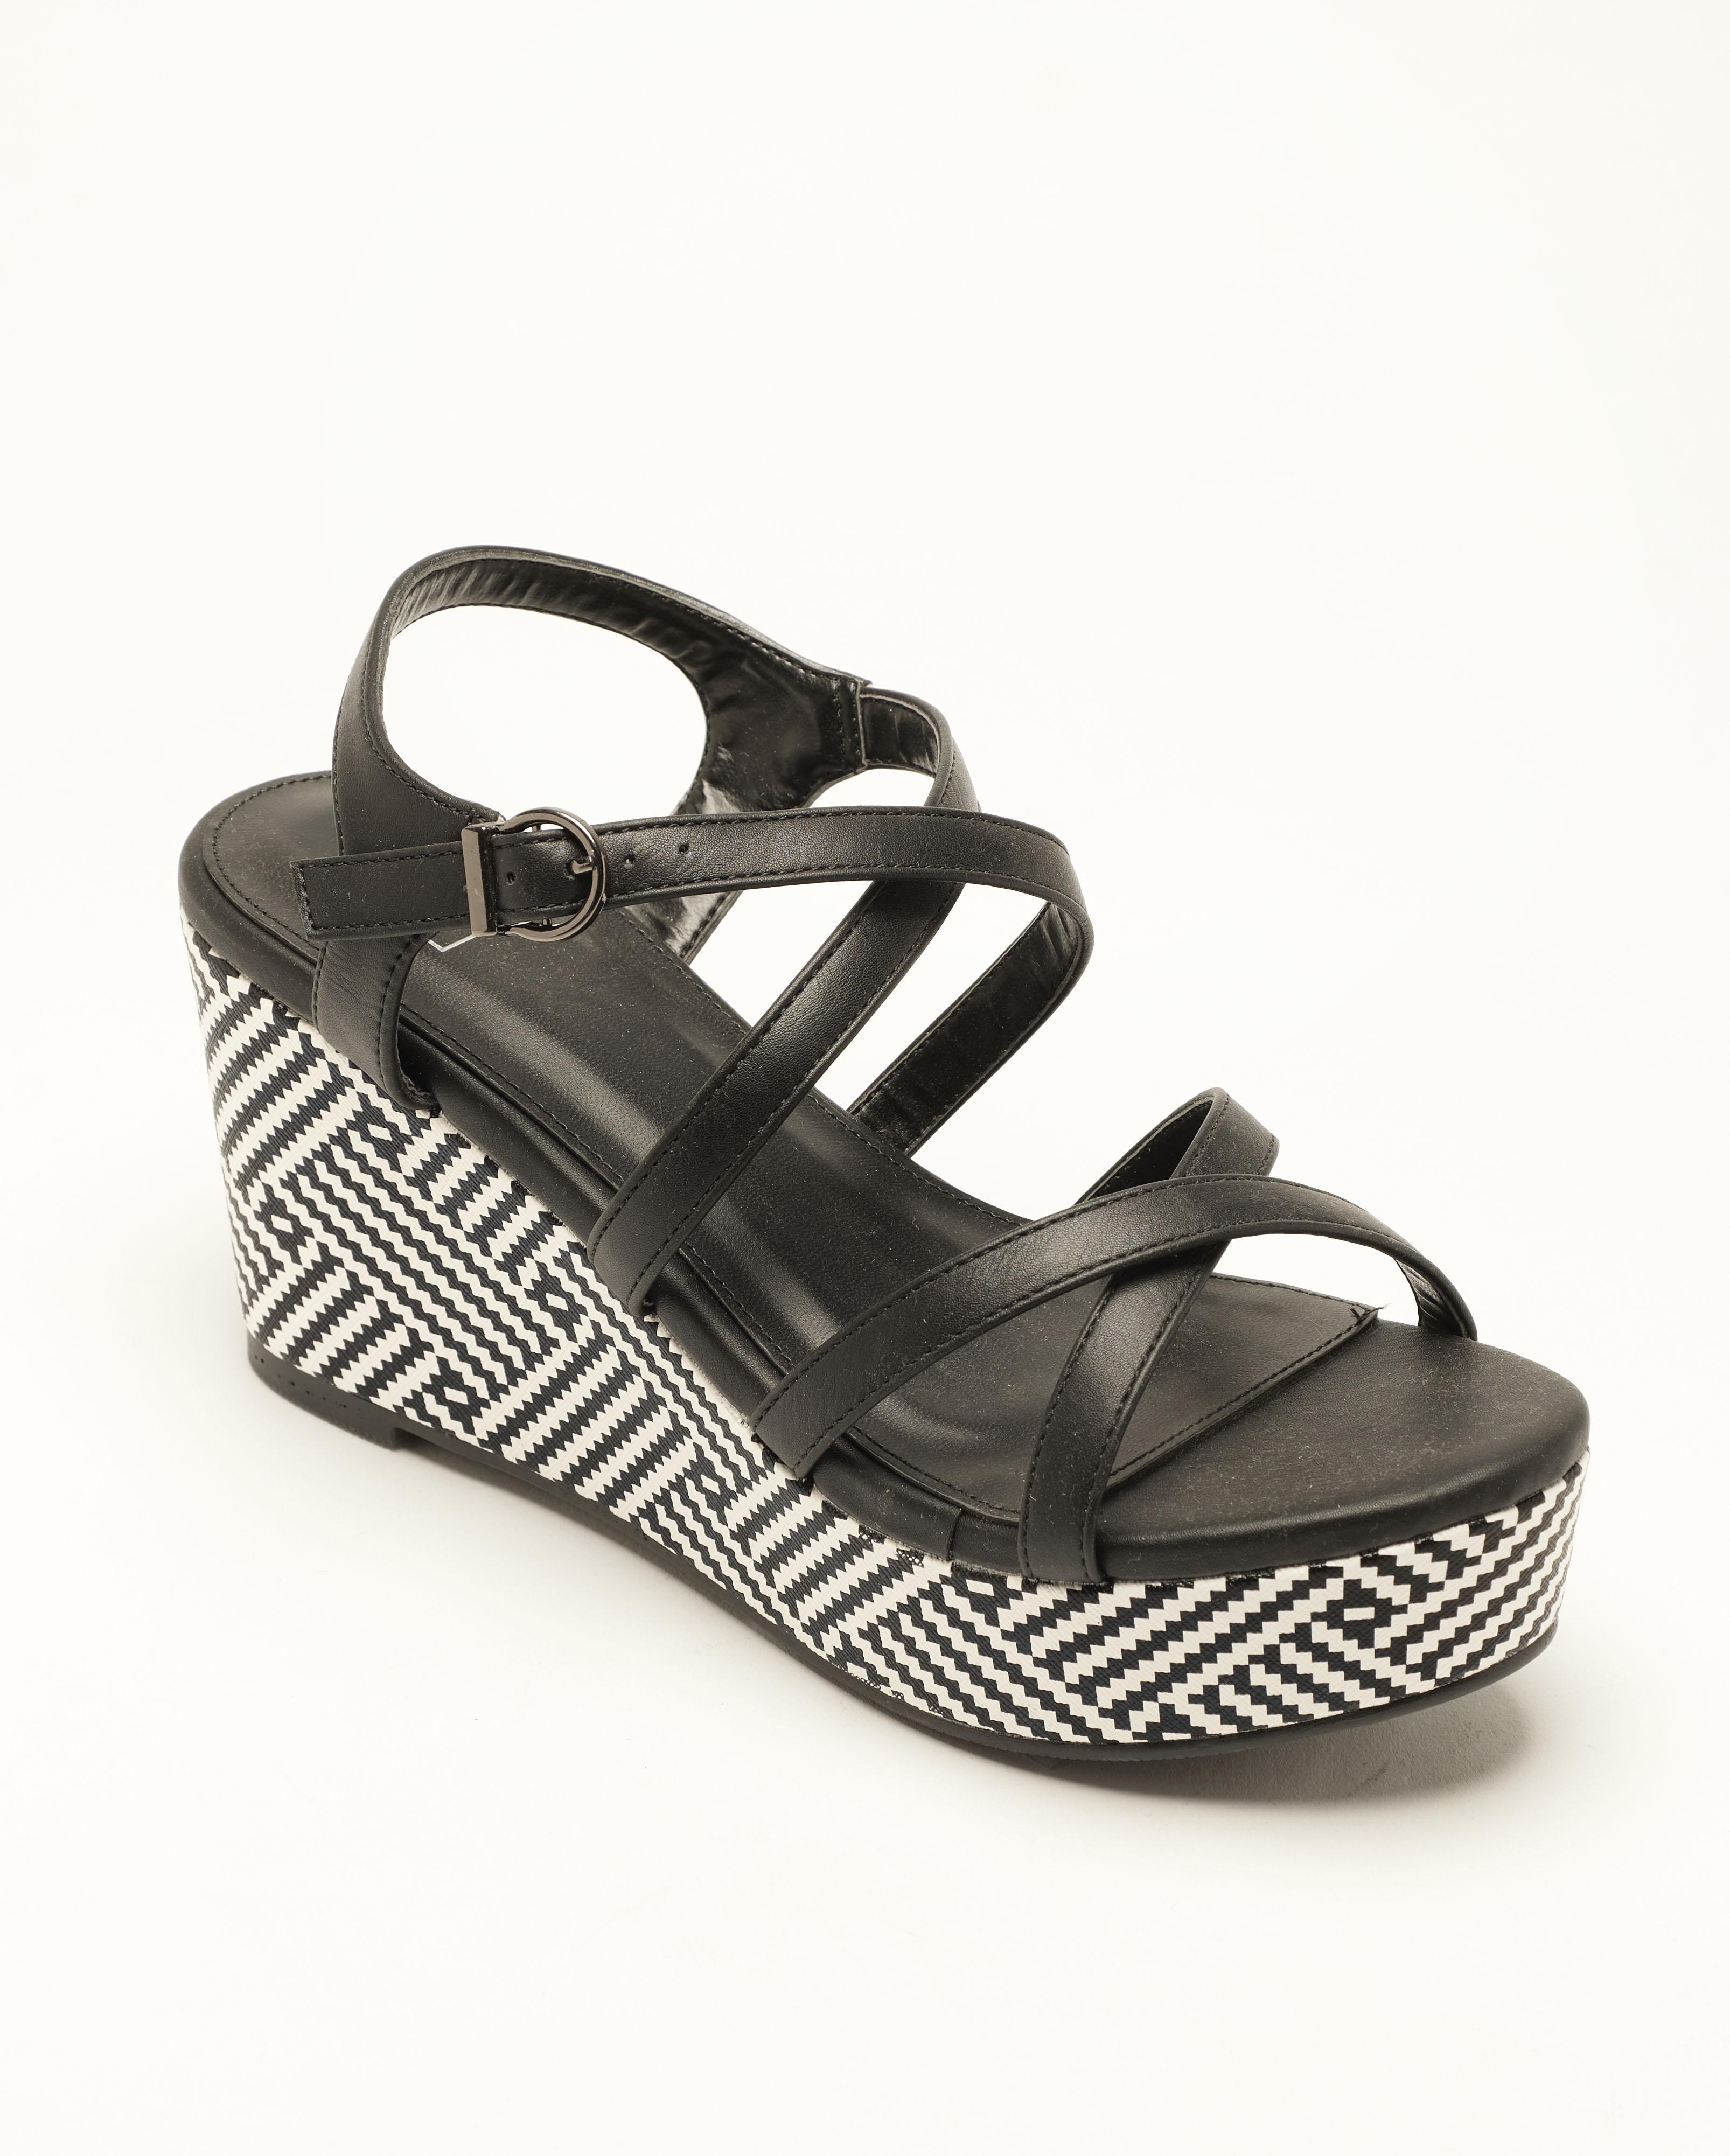 Sandales Compensées Femme - Sandale Talon Compensee Noir Jina - Fs19-112905